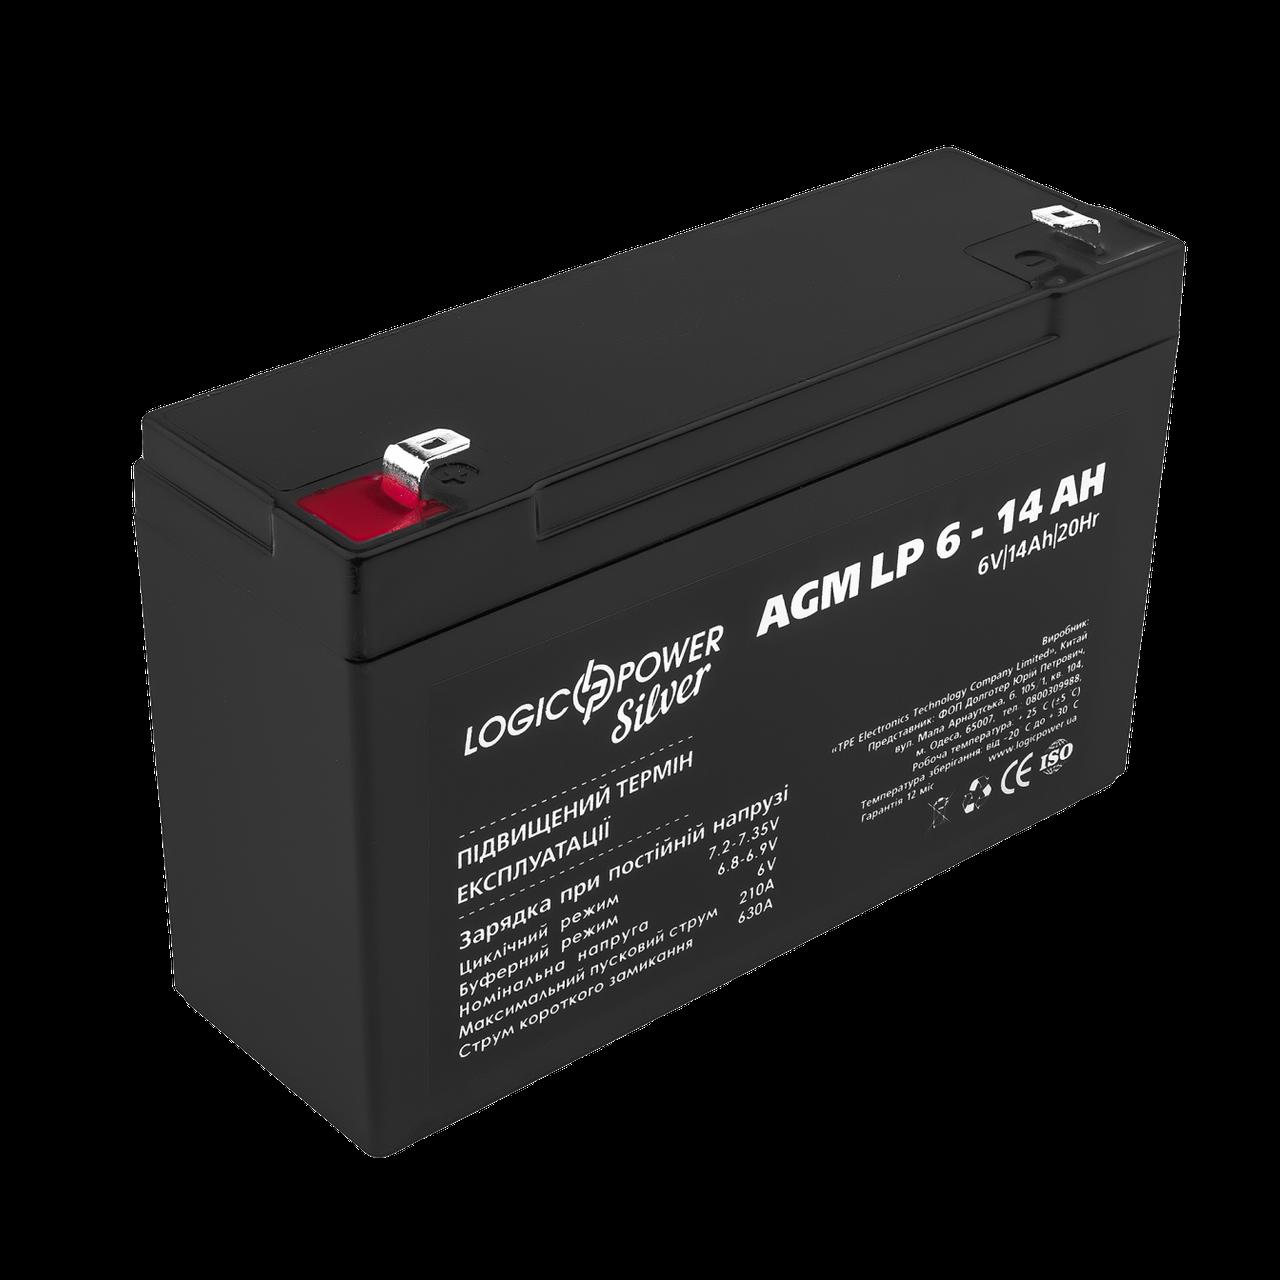 Аккумулятор AGM LP 6-14 AH SILVER